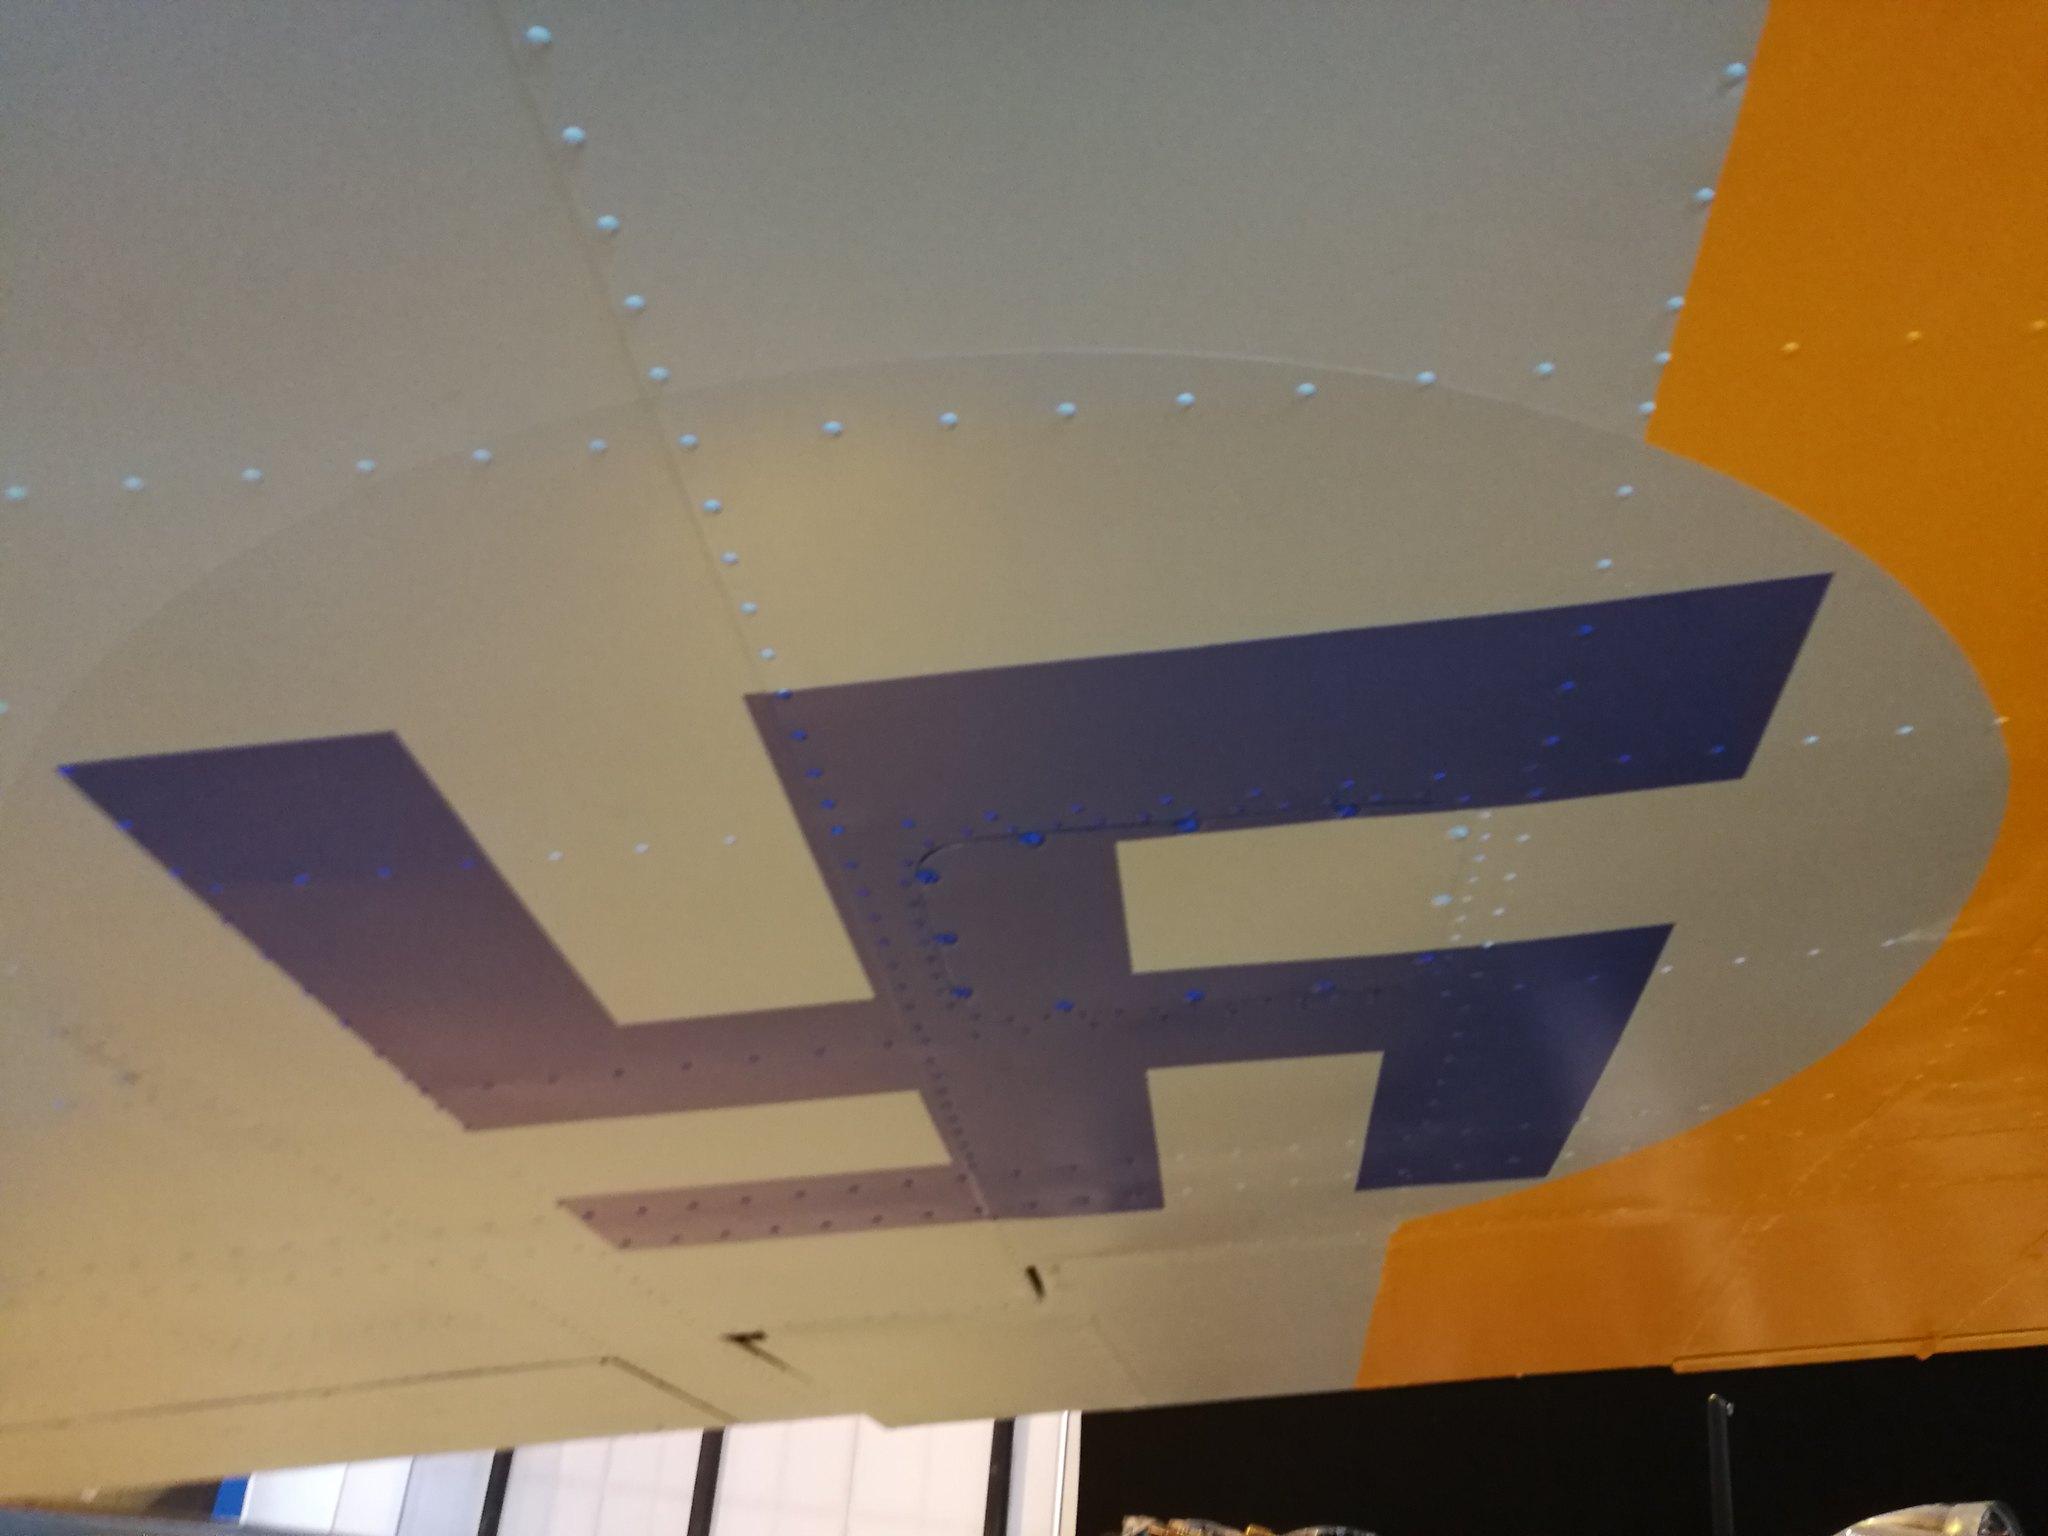 Hemkommen från semester i Finland med utflykt till Finlands Flygvapenmuseum. 48292956881_923e4ec9c7_k